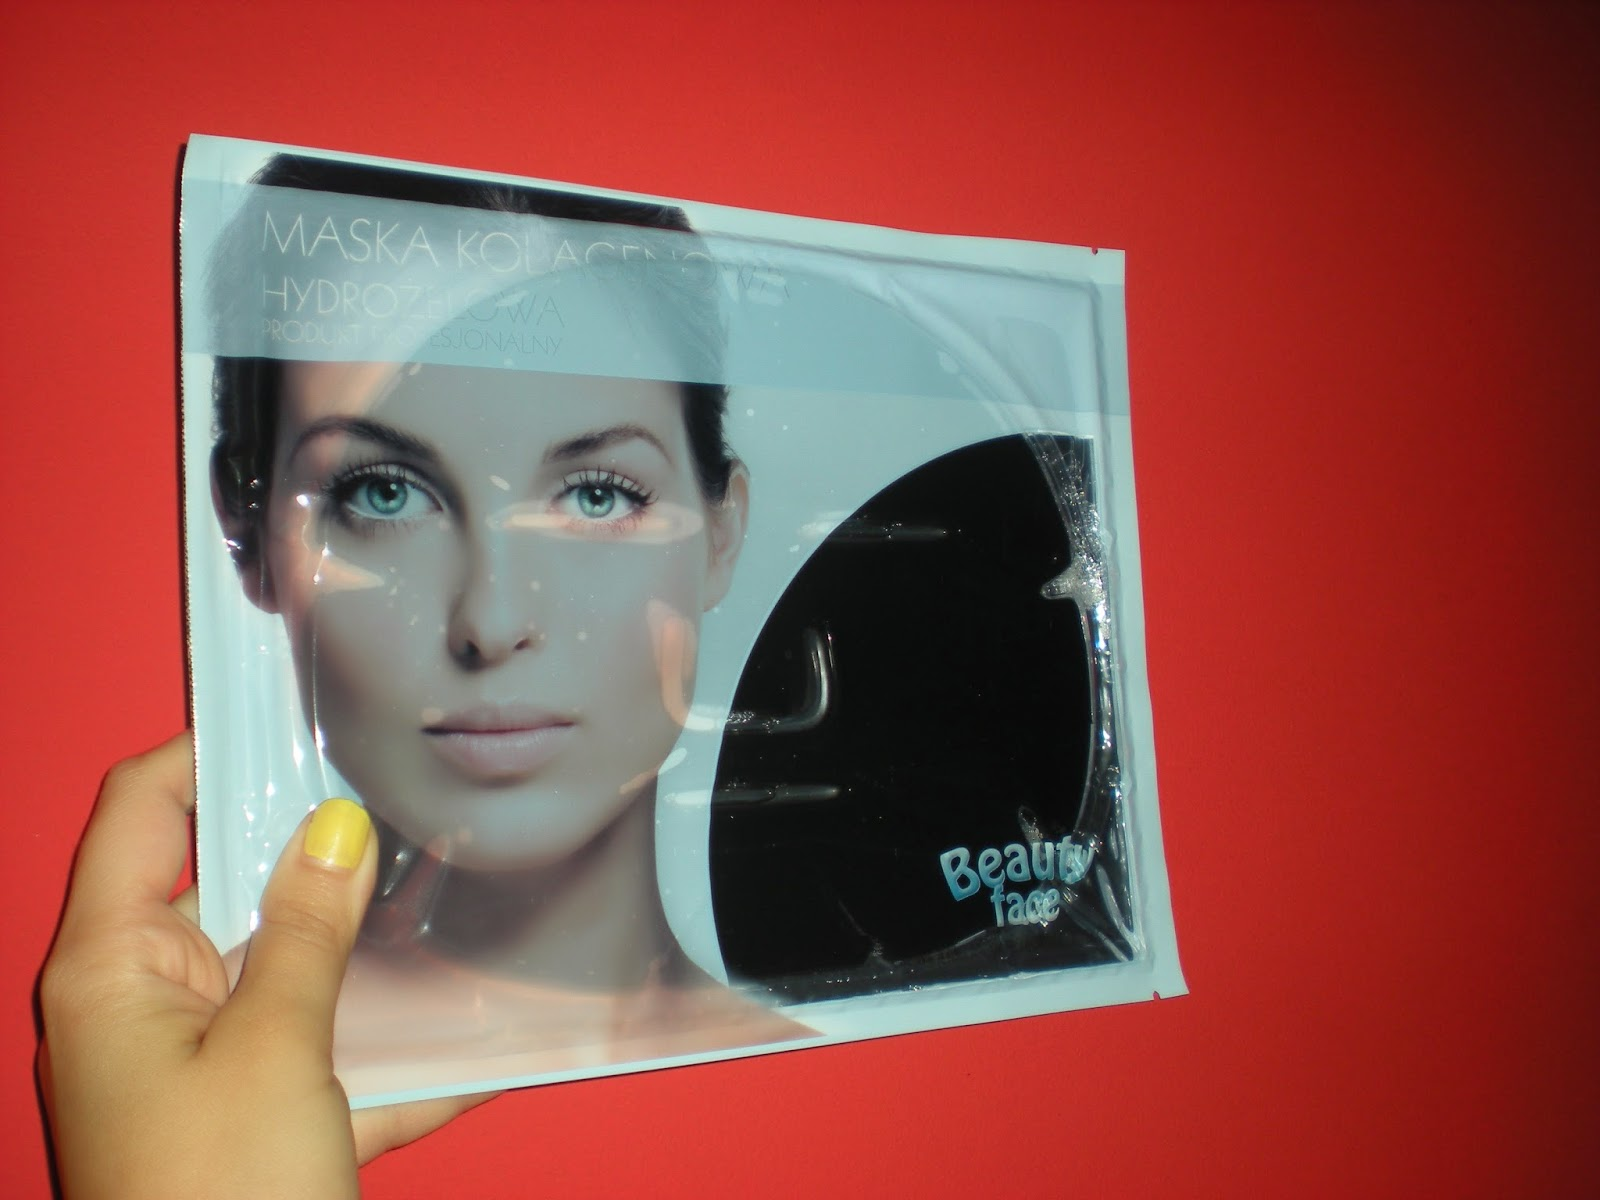 """Antybakteryjna maska kolagenowa oczyszczająca i zmniejszająca blizny czyli akcja """"Stop suchej skórze twarzy"""" zakończona!"""